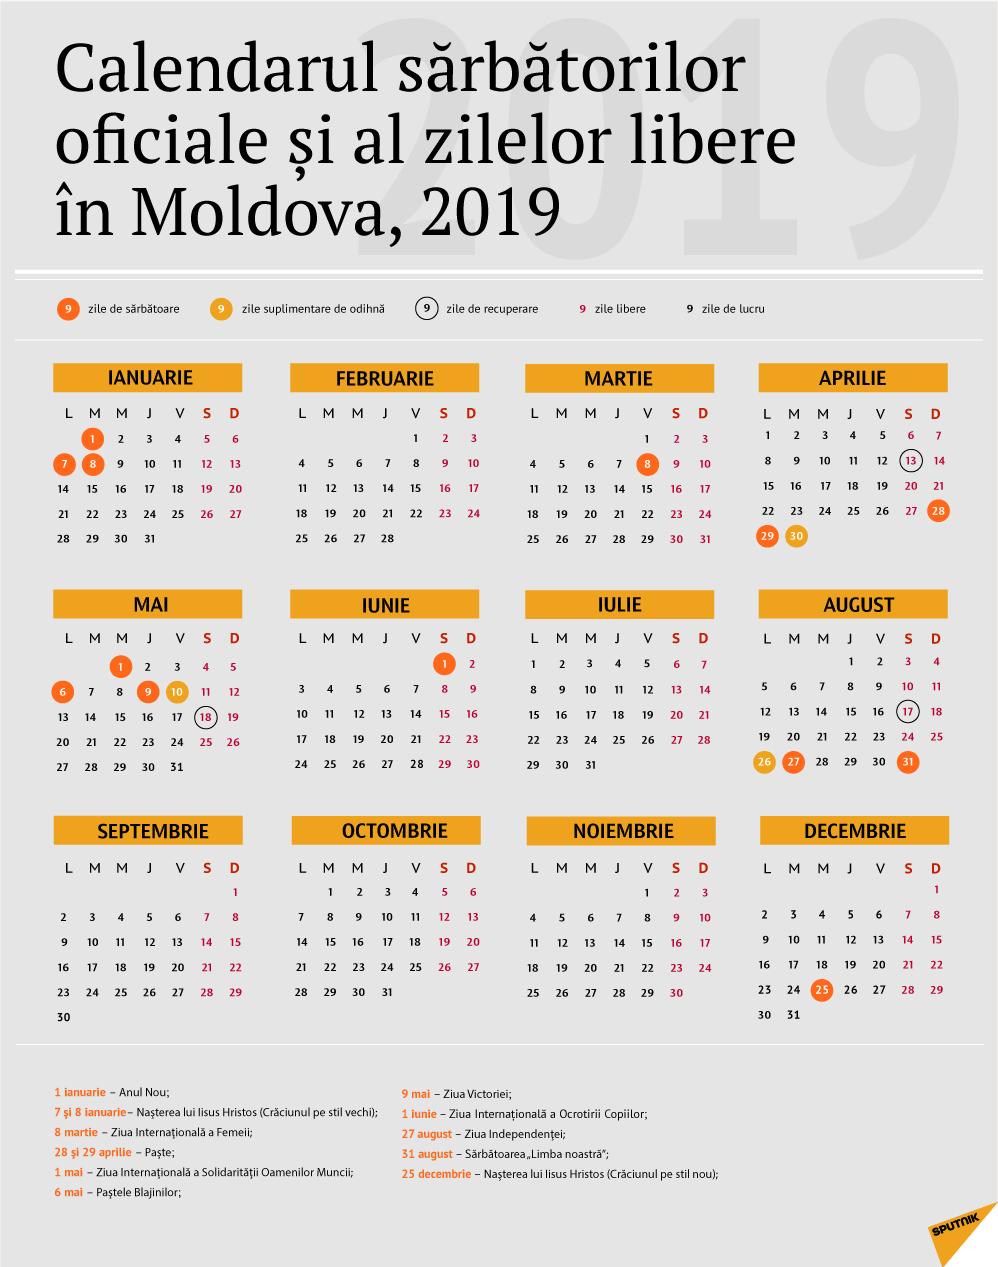 Calendarul Zilelor De Odihnă În Moldova Pentru Anul 2019 regarding Calendar 2020 Zile Libere